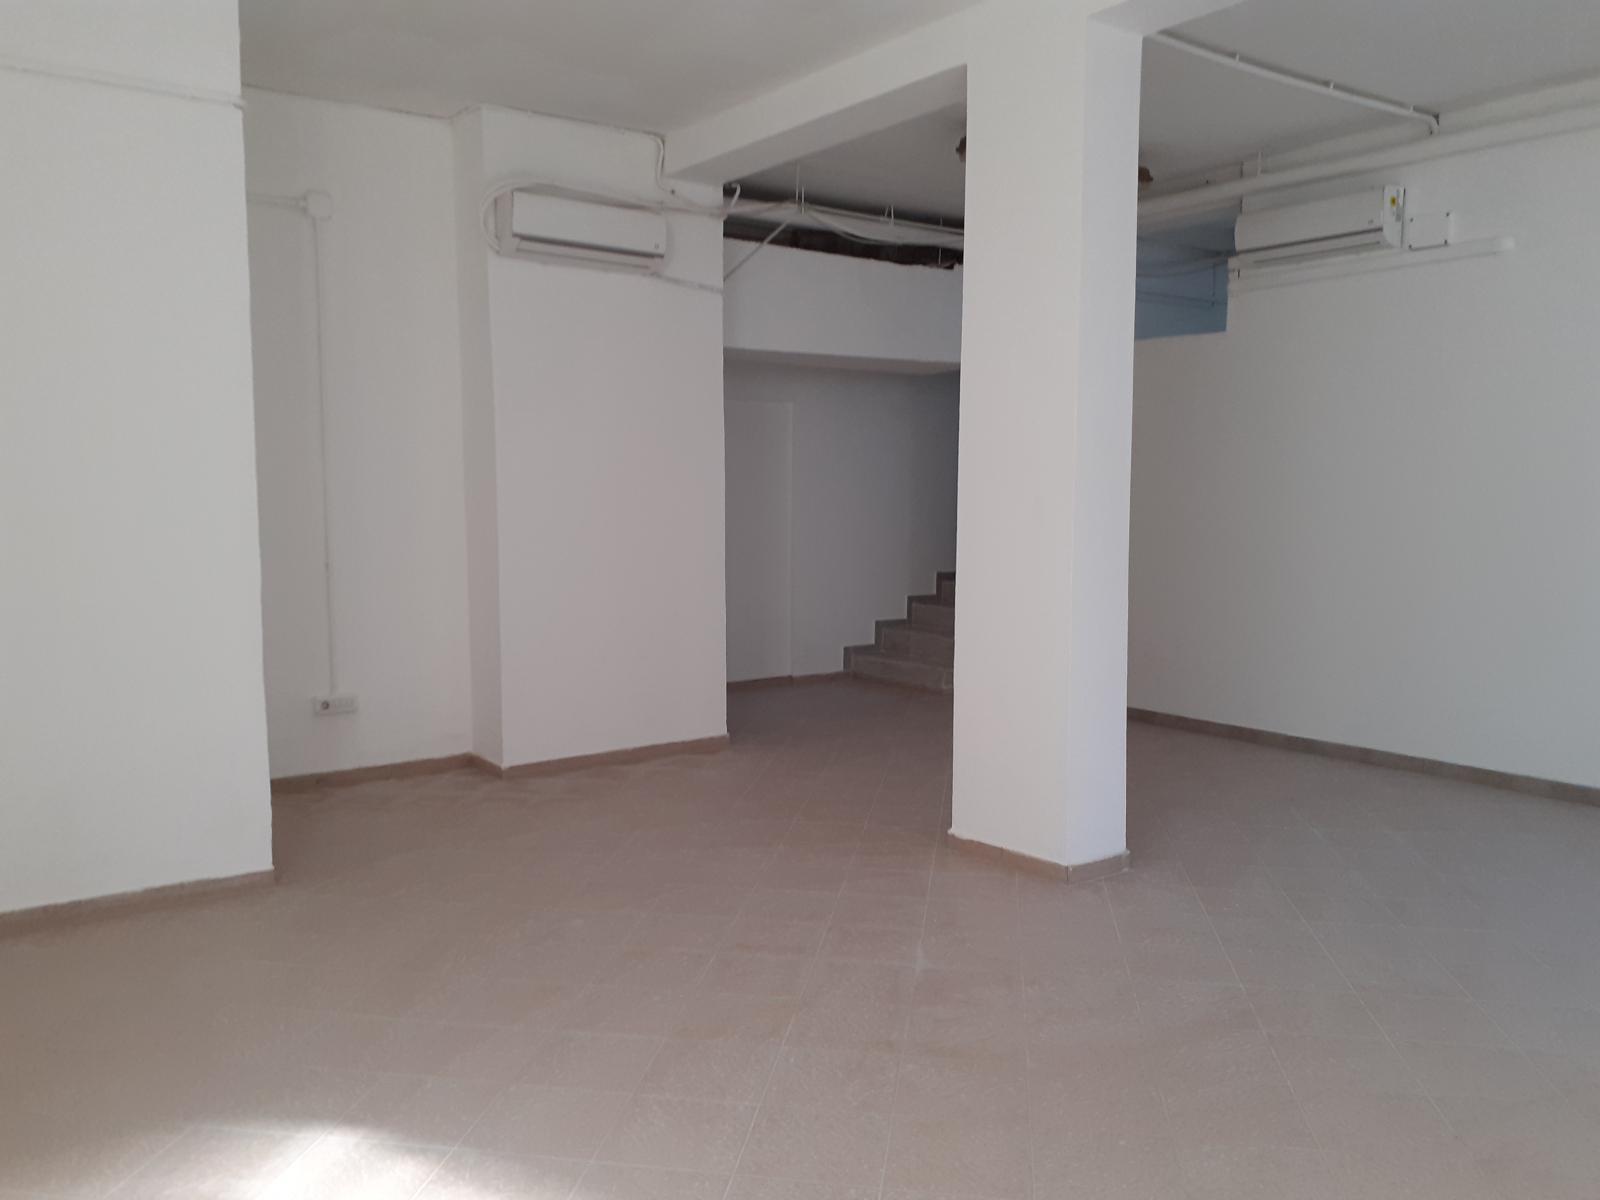 laboratorio-magazzino-in-vendita-affitto-a-baggio-spaziourbano-immobiliare-vende-affitta-2